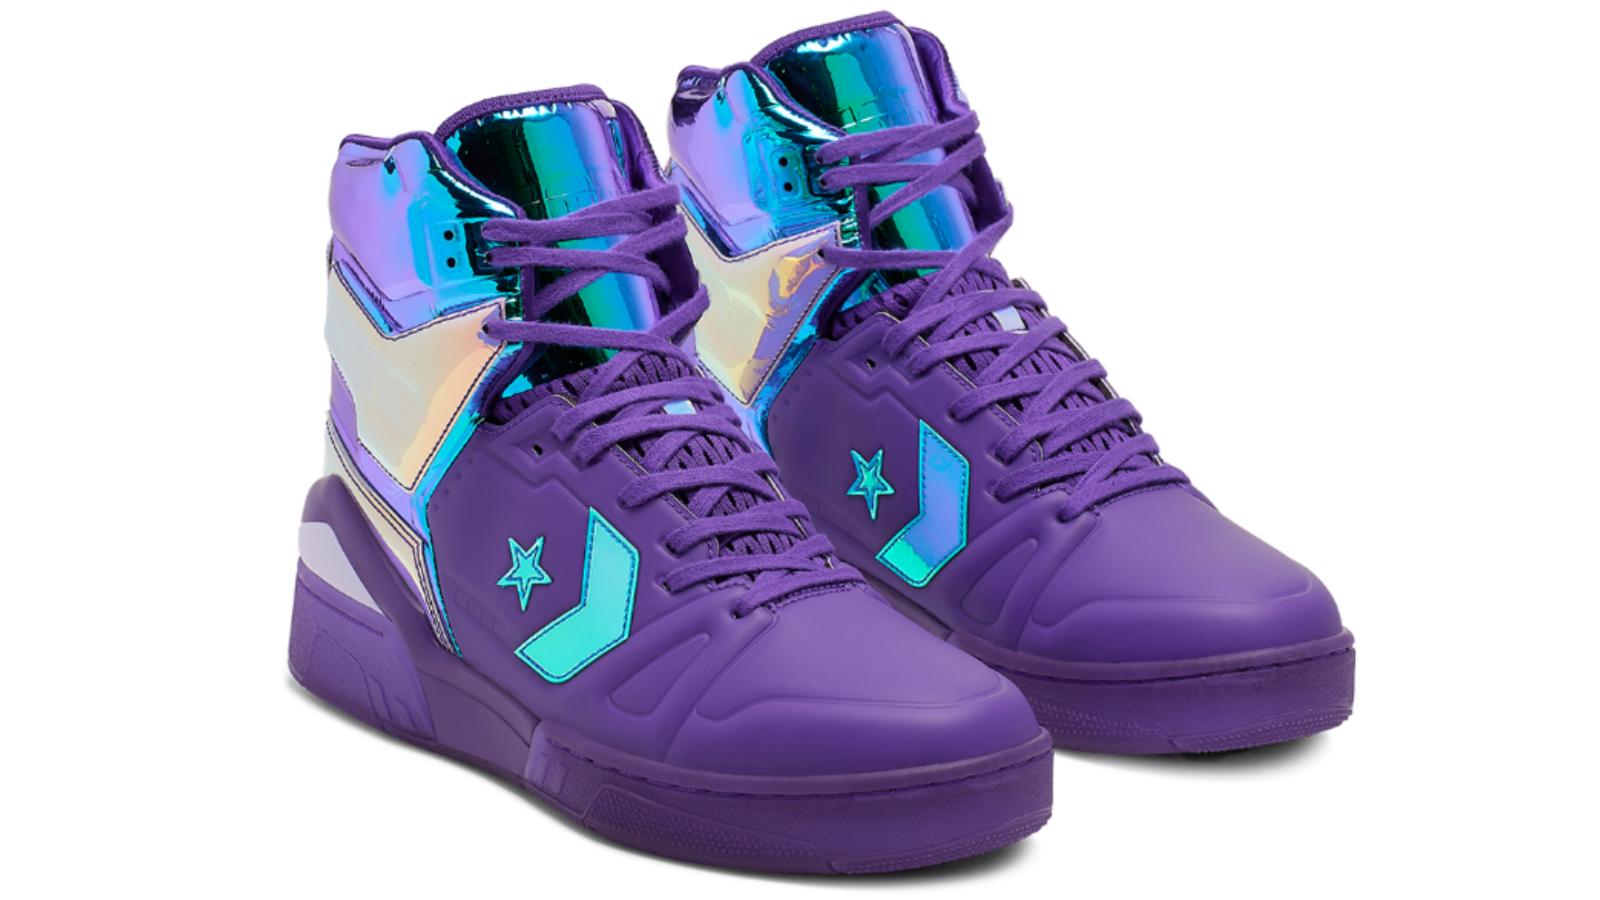 CONVERSE ERX Impress Jewel high violet violet 163796 C Homme Mode De Vie Taille 8-13